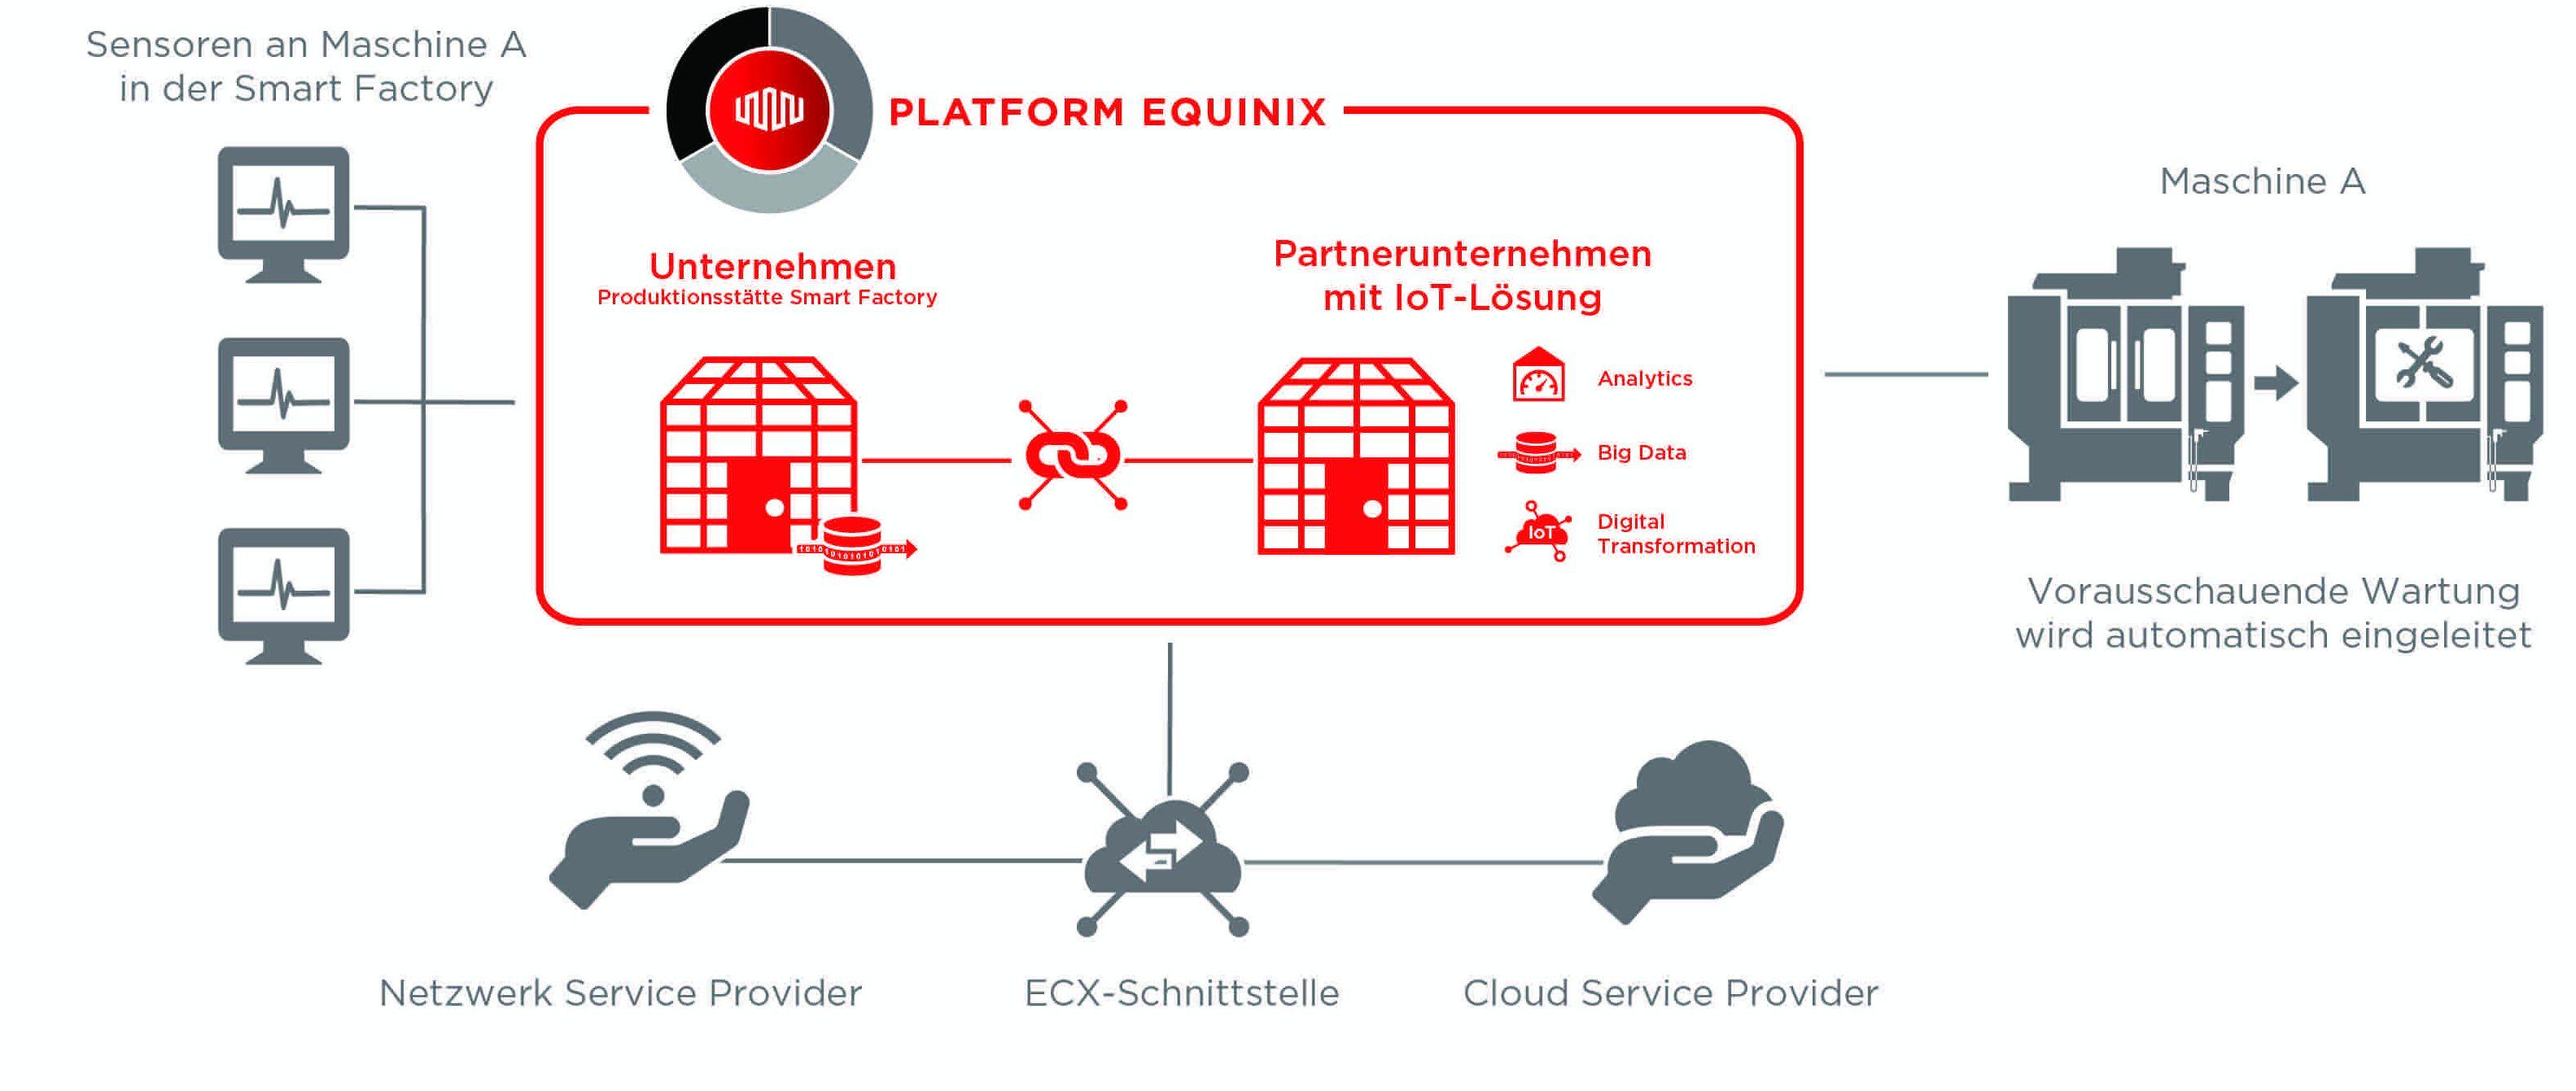 Unternehmen können mittels Interconnection innerhalb von Rechenzentren kritische Sensordaten direkt mit IoT-PaUnternehmen können mittels Interconnection innerhalb von Rechenzentren kritische Sensordaten direkt mit IoT-Partnern zur Auswertung teilen. (Bild: Equinix (Germany) GmbH)rtnern zur Auswertung teilen. (Bild: Equinix (Germany) GmbH)